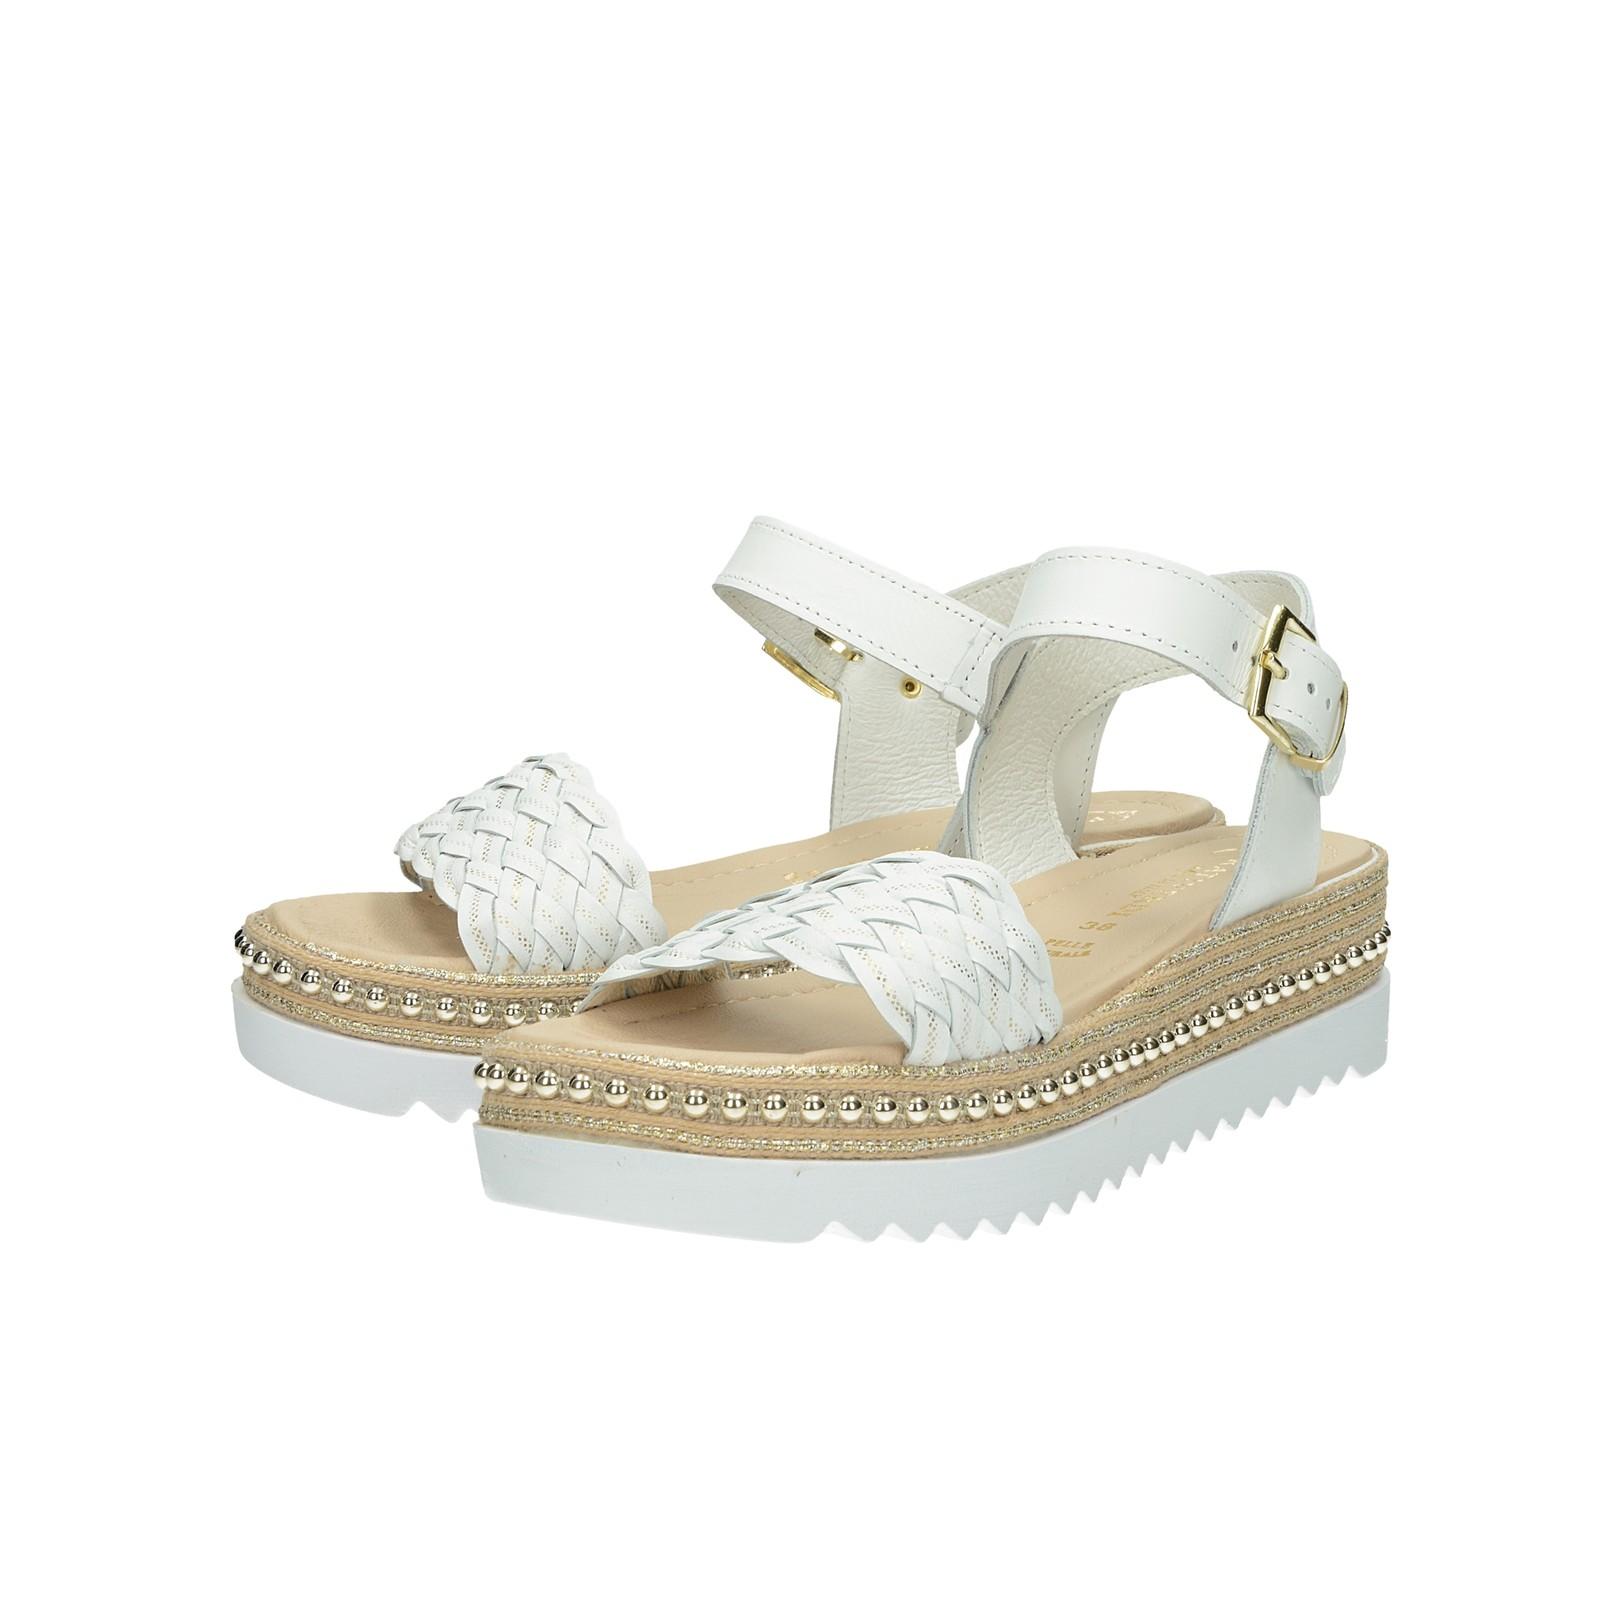 620004b4f40cc Prativerdi dámske štýlové kožené sandále na klinovej podrážke - biele ...